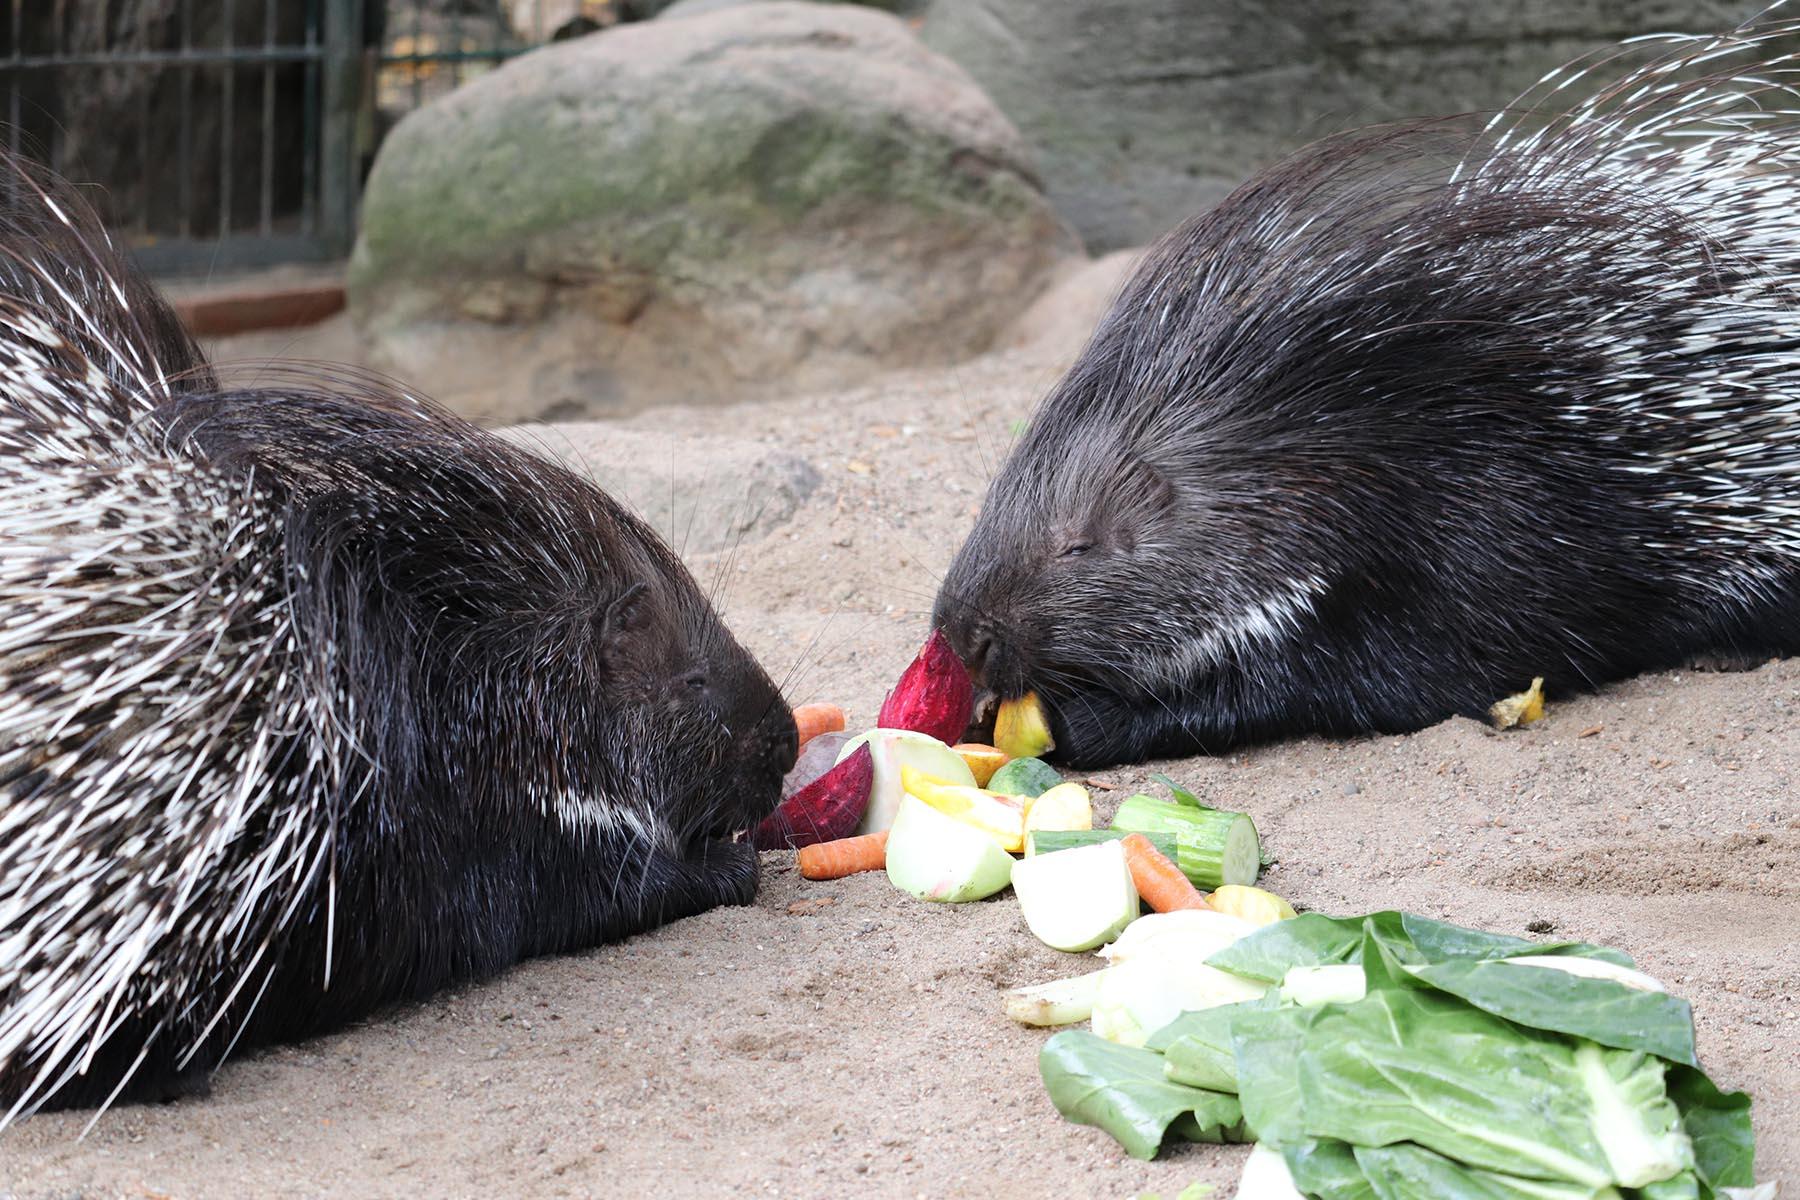 Stachelschweine im Tierpark Hagenbeck